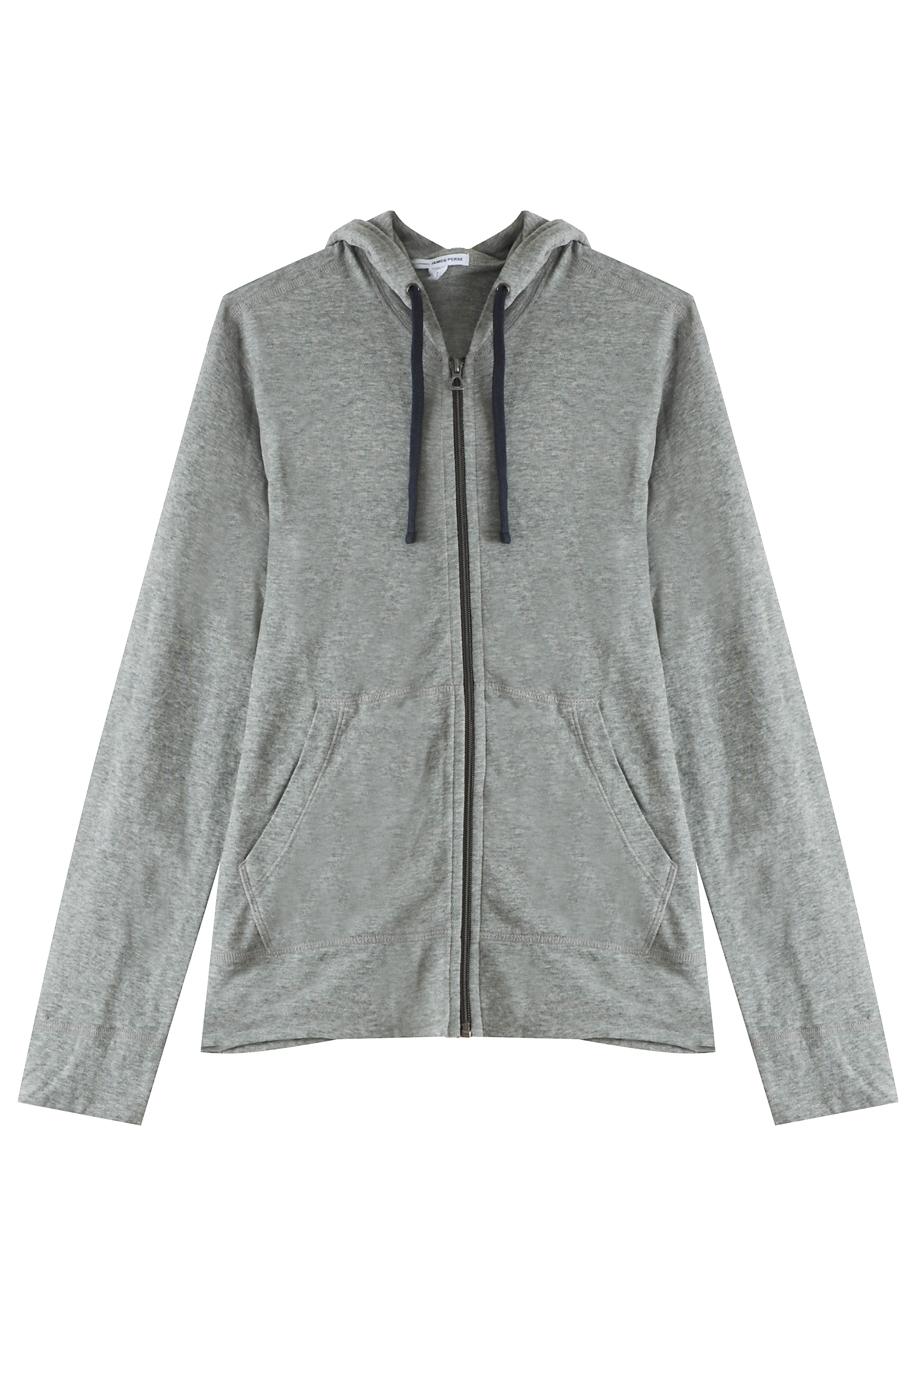 James perse hoodie